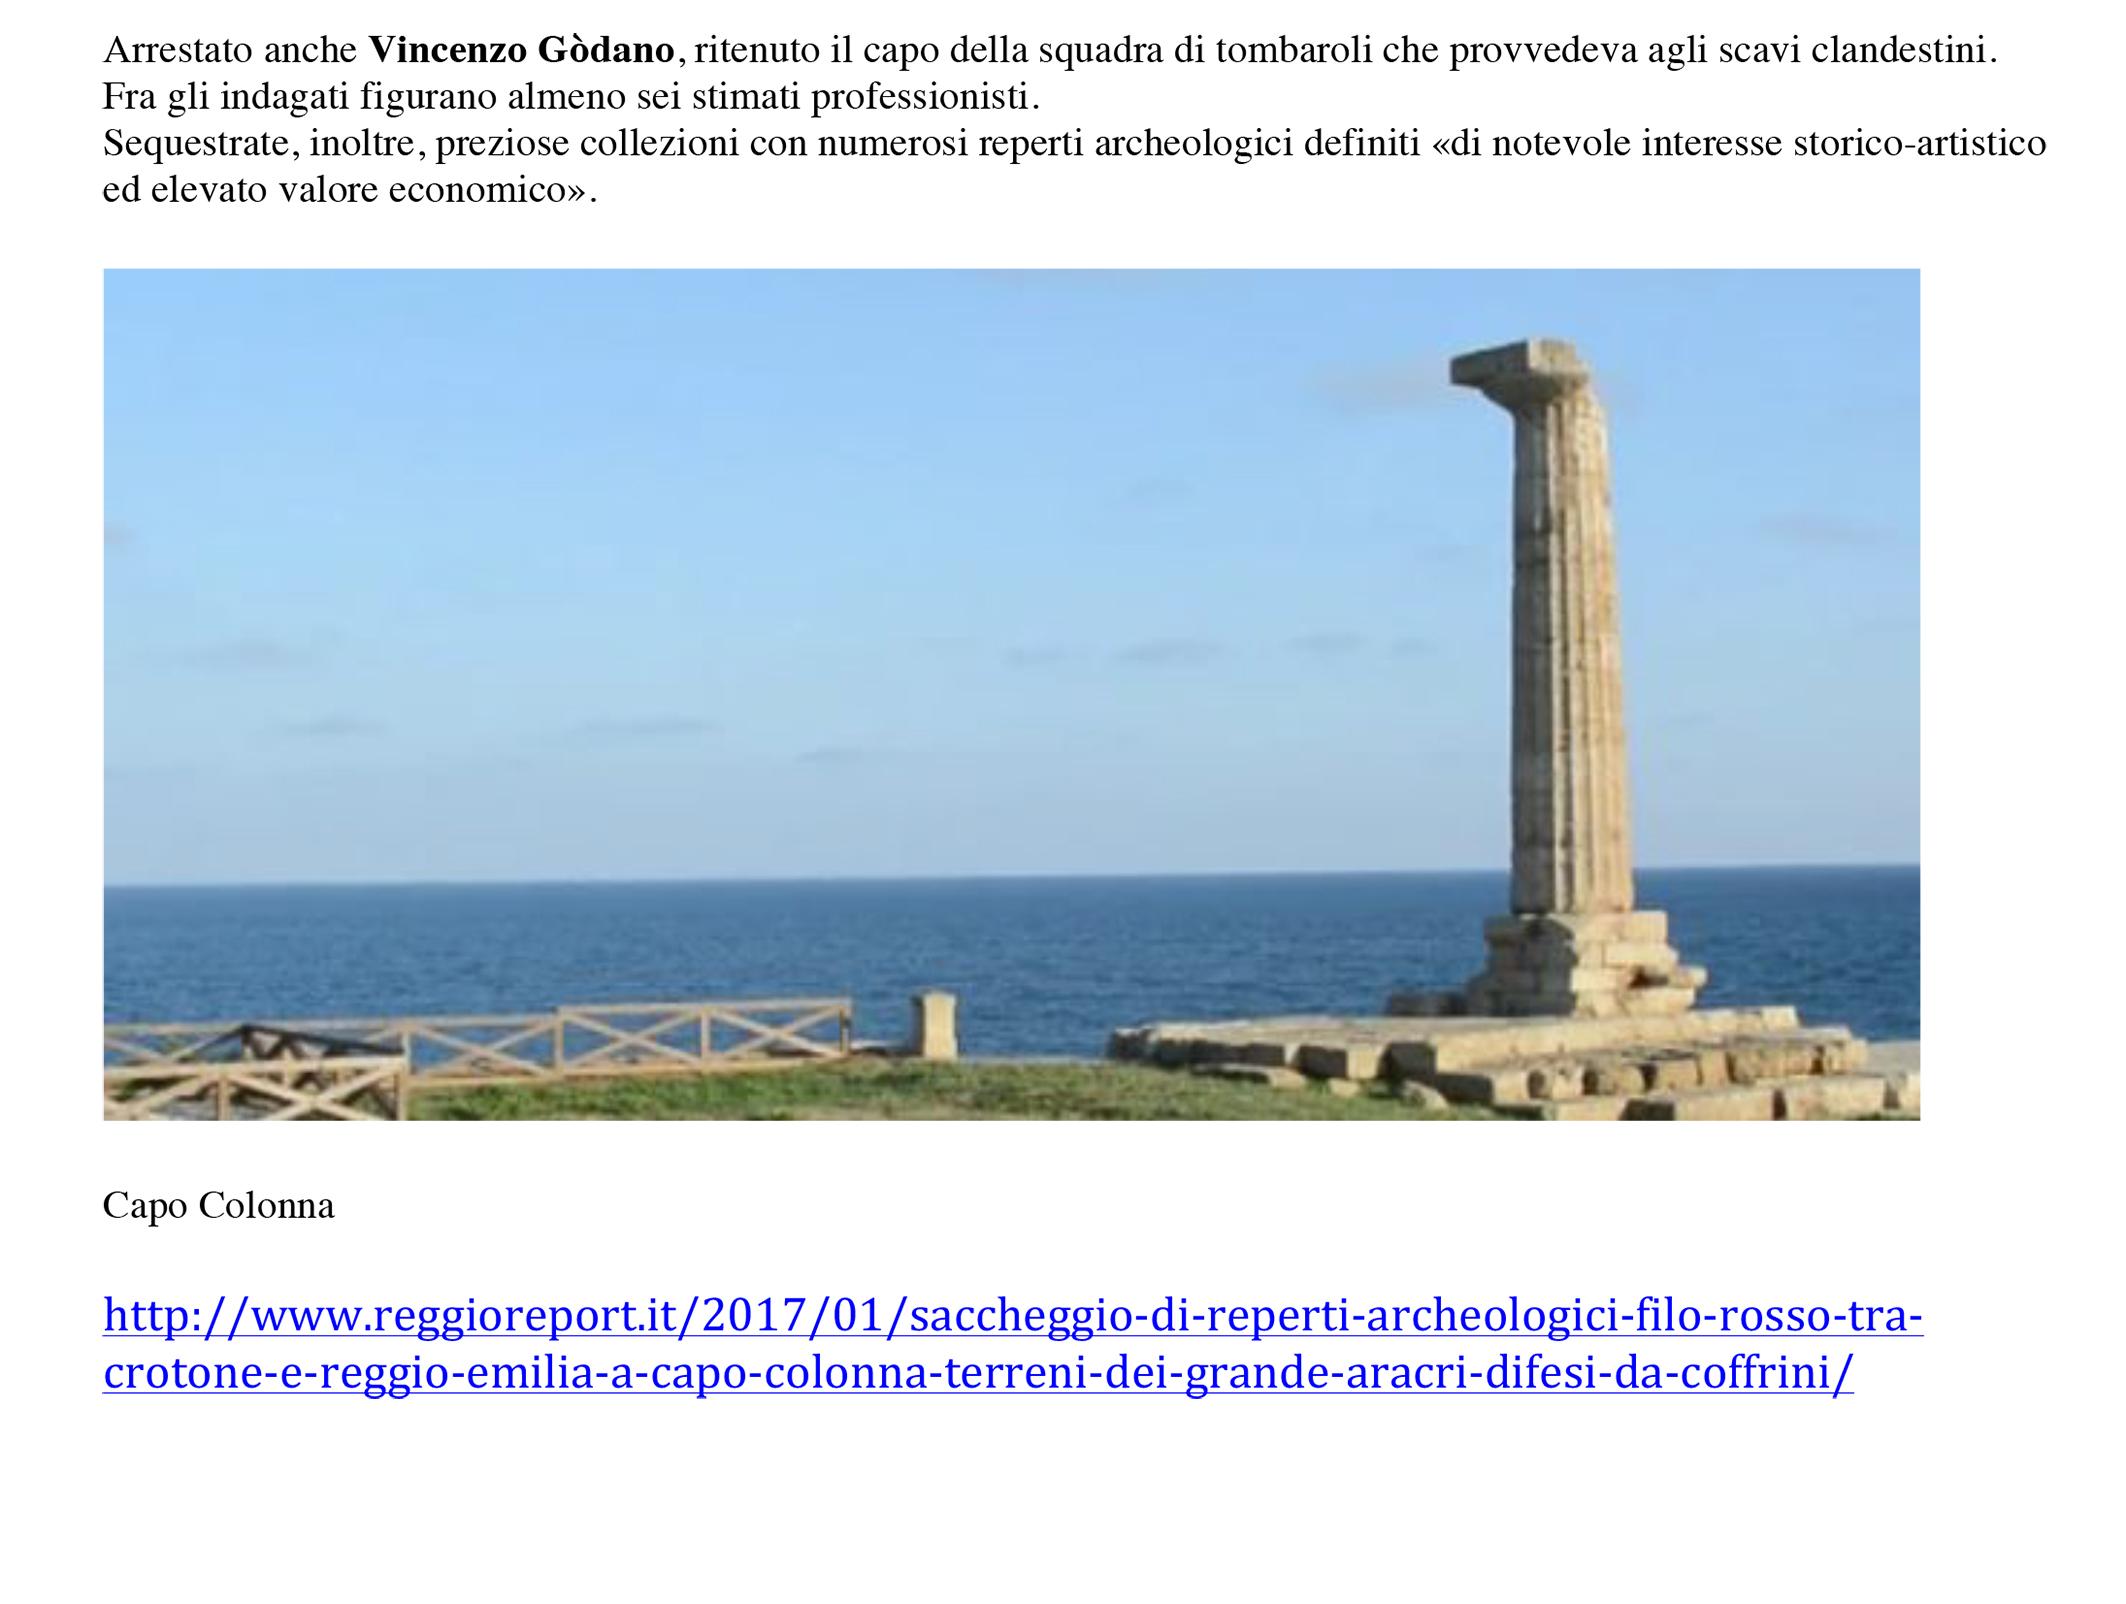 Microsoft Word - Reggio Report 18117.docx